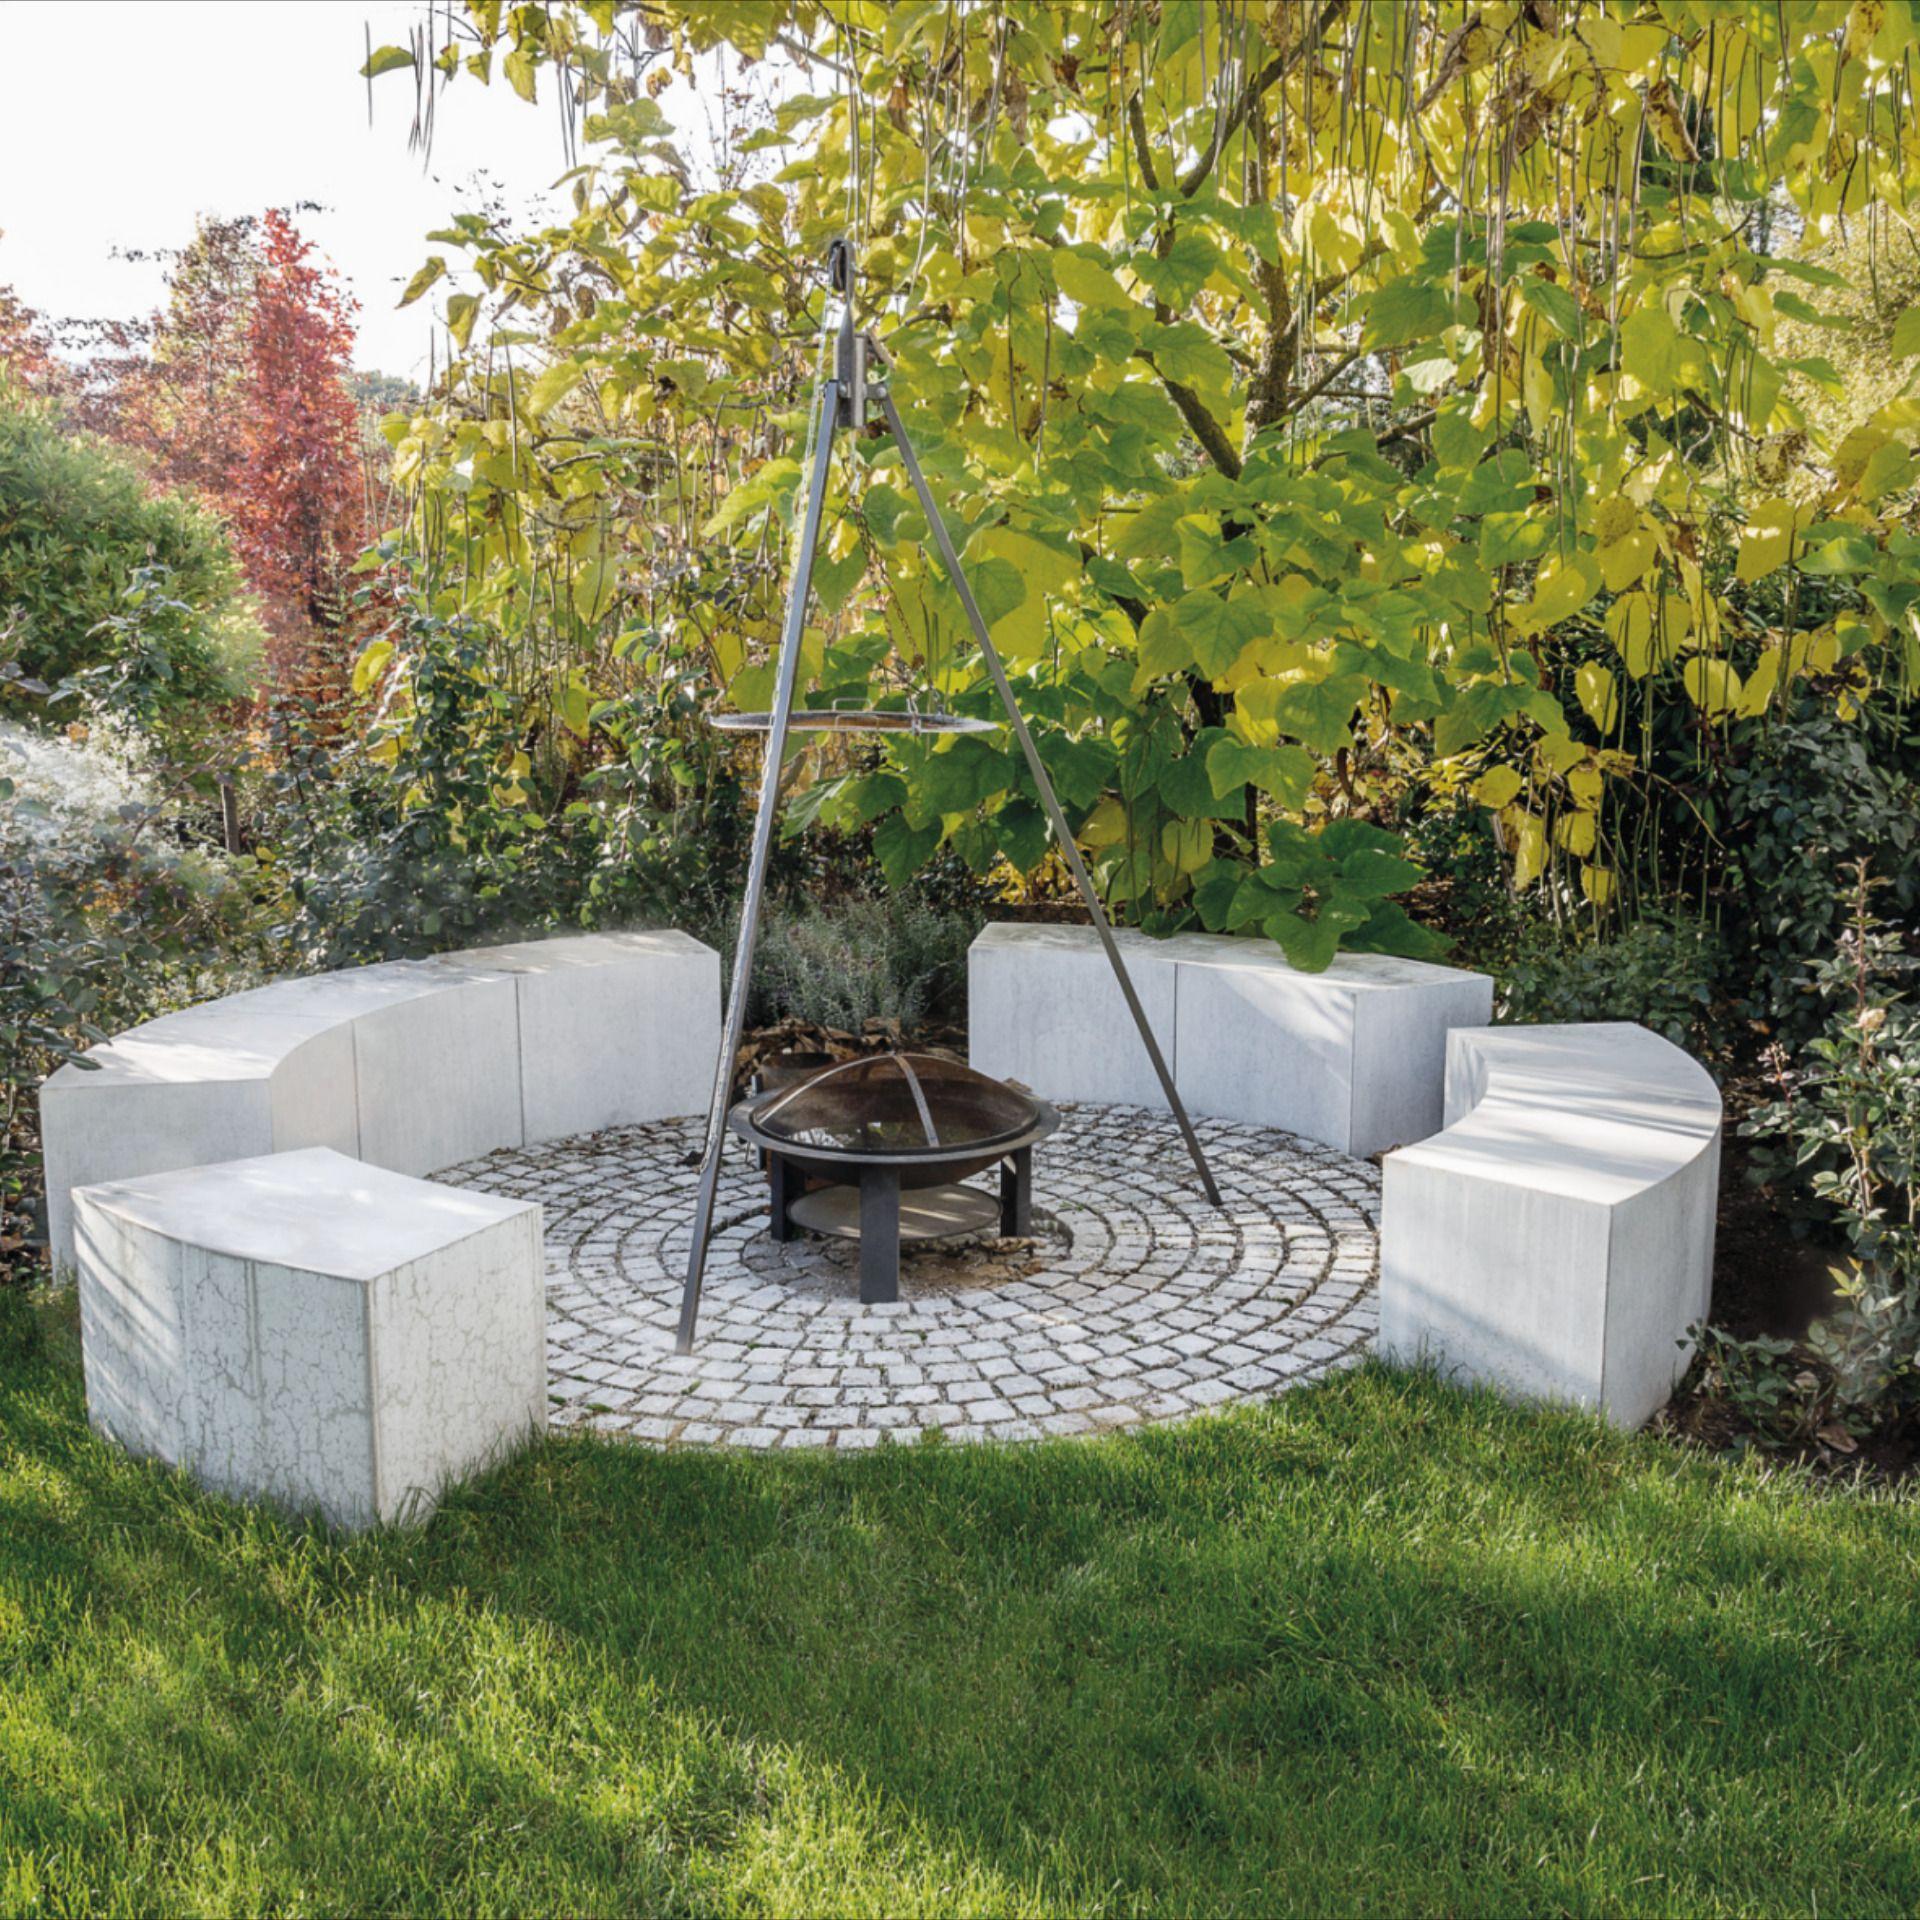 Feuerstelle Mit Sitzgelegenheit Rund In 2020 Feuerstelle Garten Grillplatz Im Garten Feuerstelle